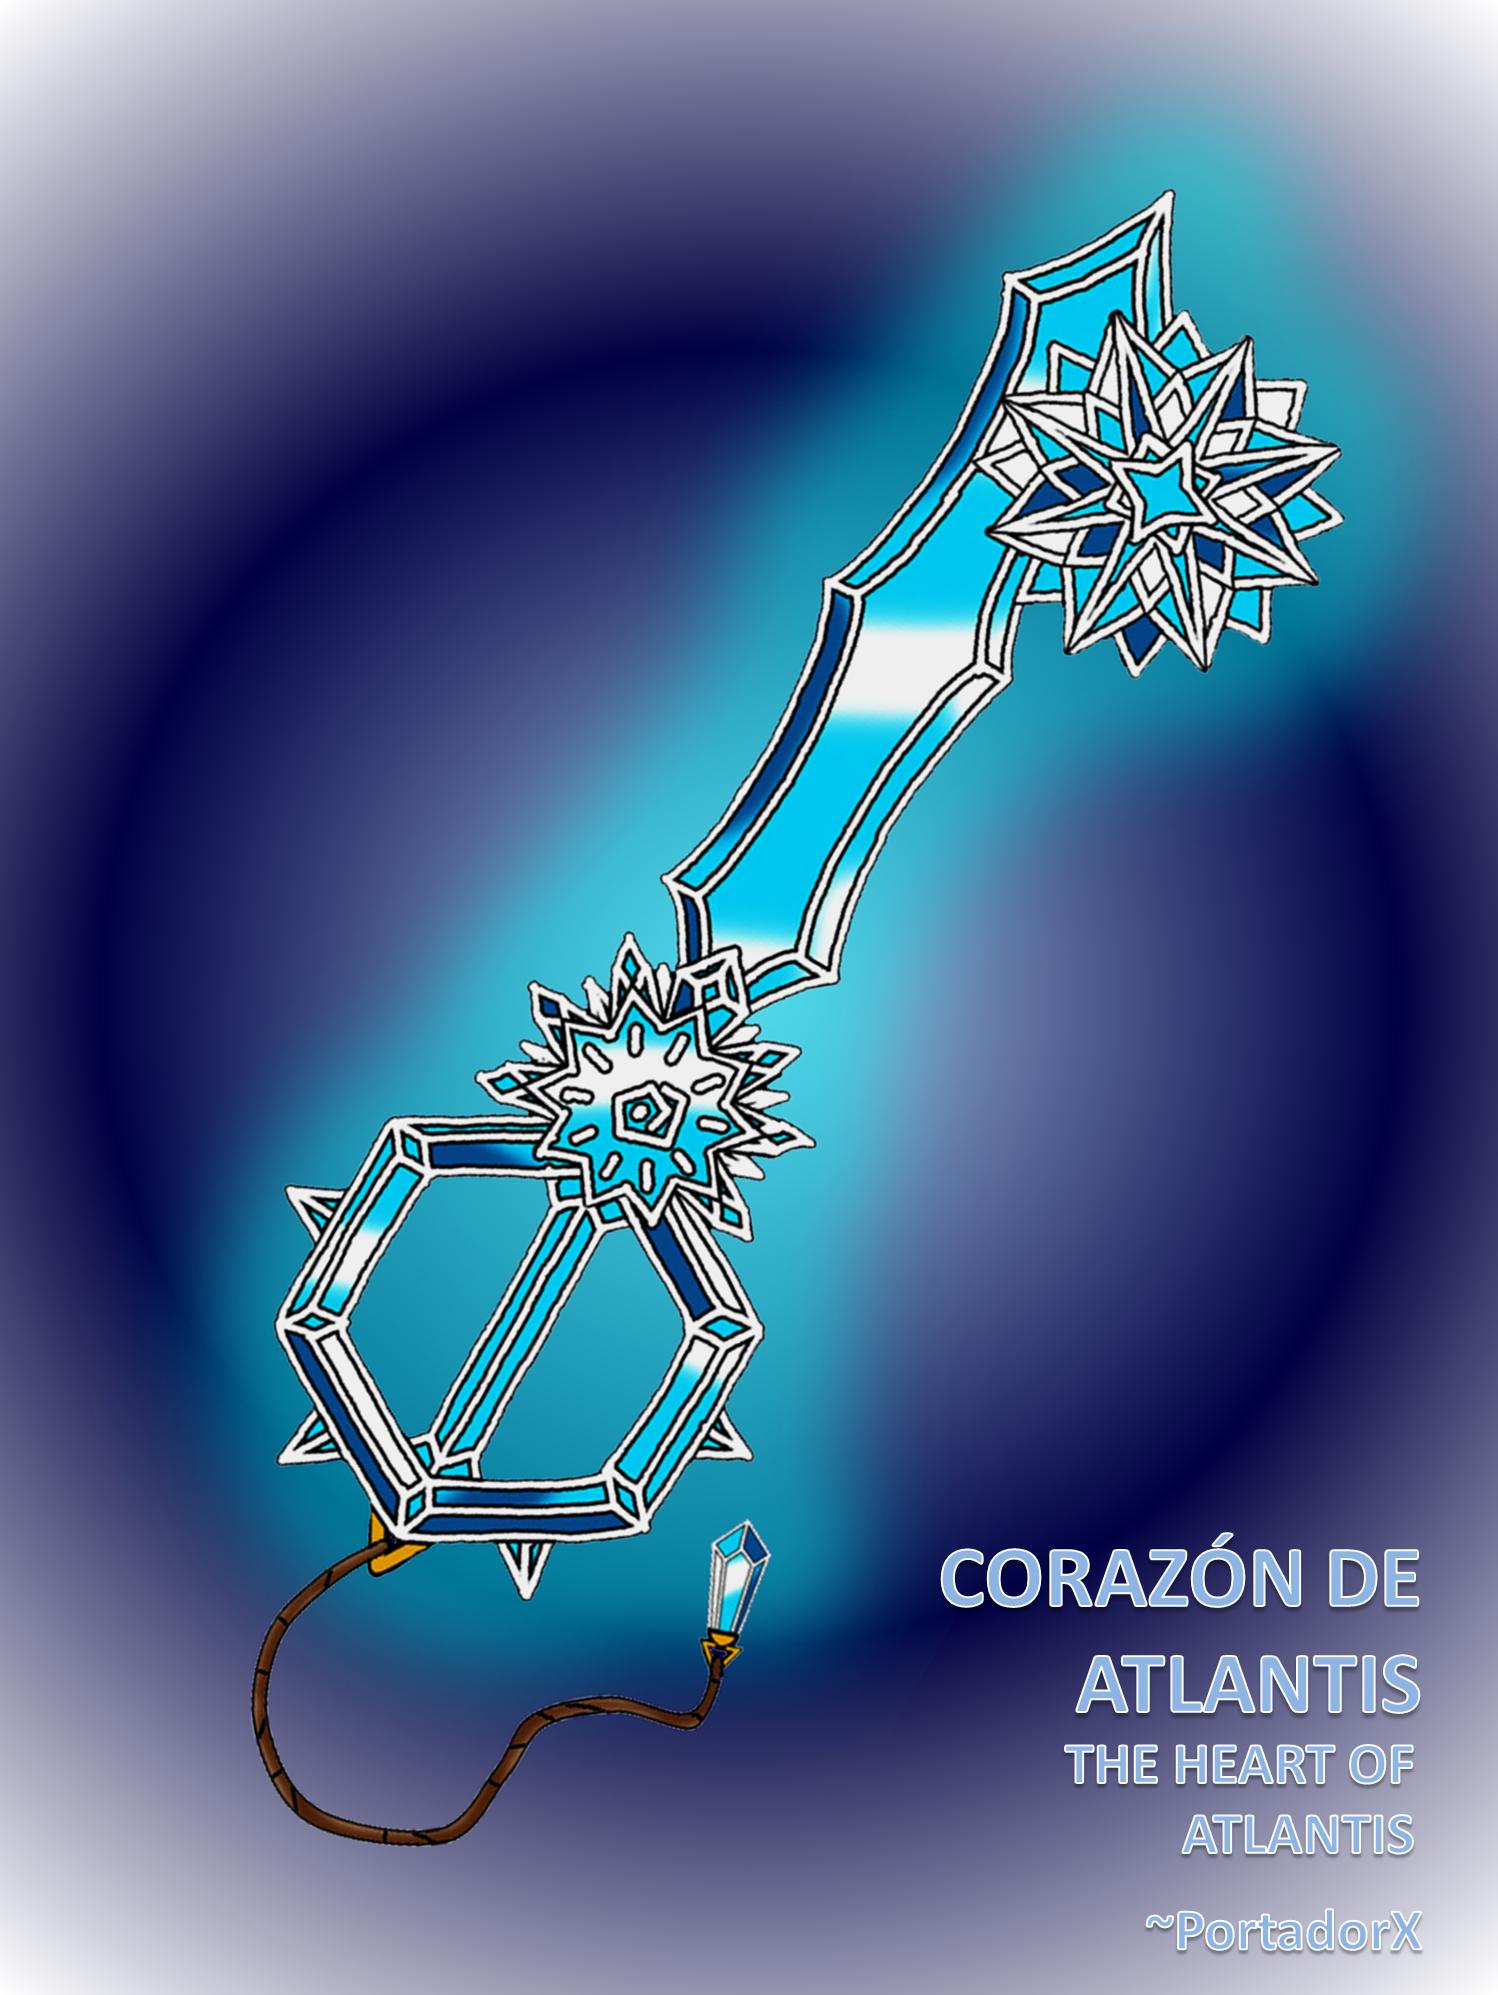 Corazon de Atlantis -The Heart of Atlantis- by portadorX